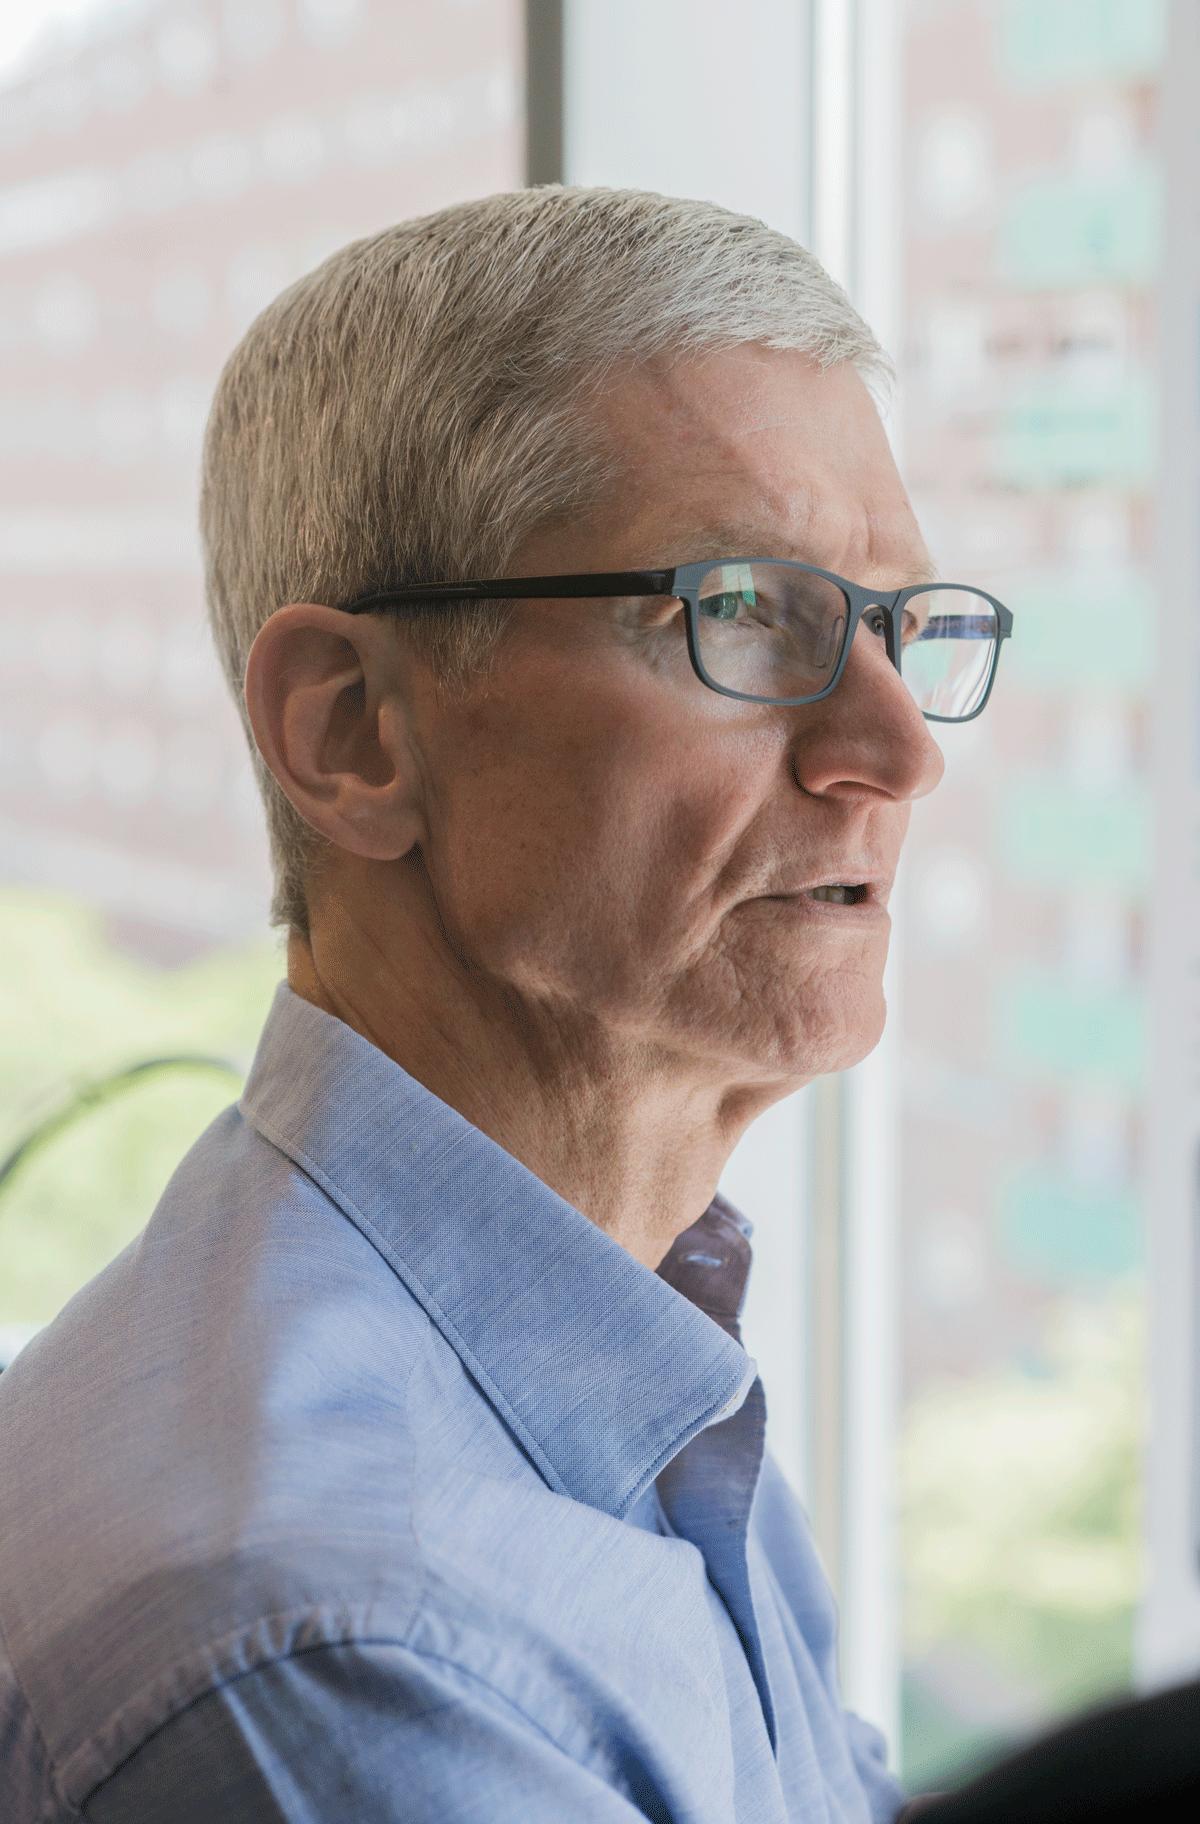 ティム・クックCEO独占インタビュー 「アップルはすでにAIを活用している」